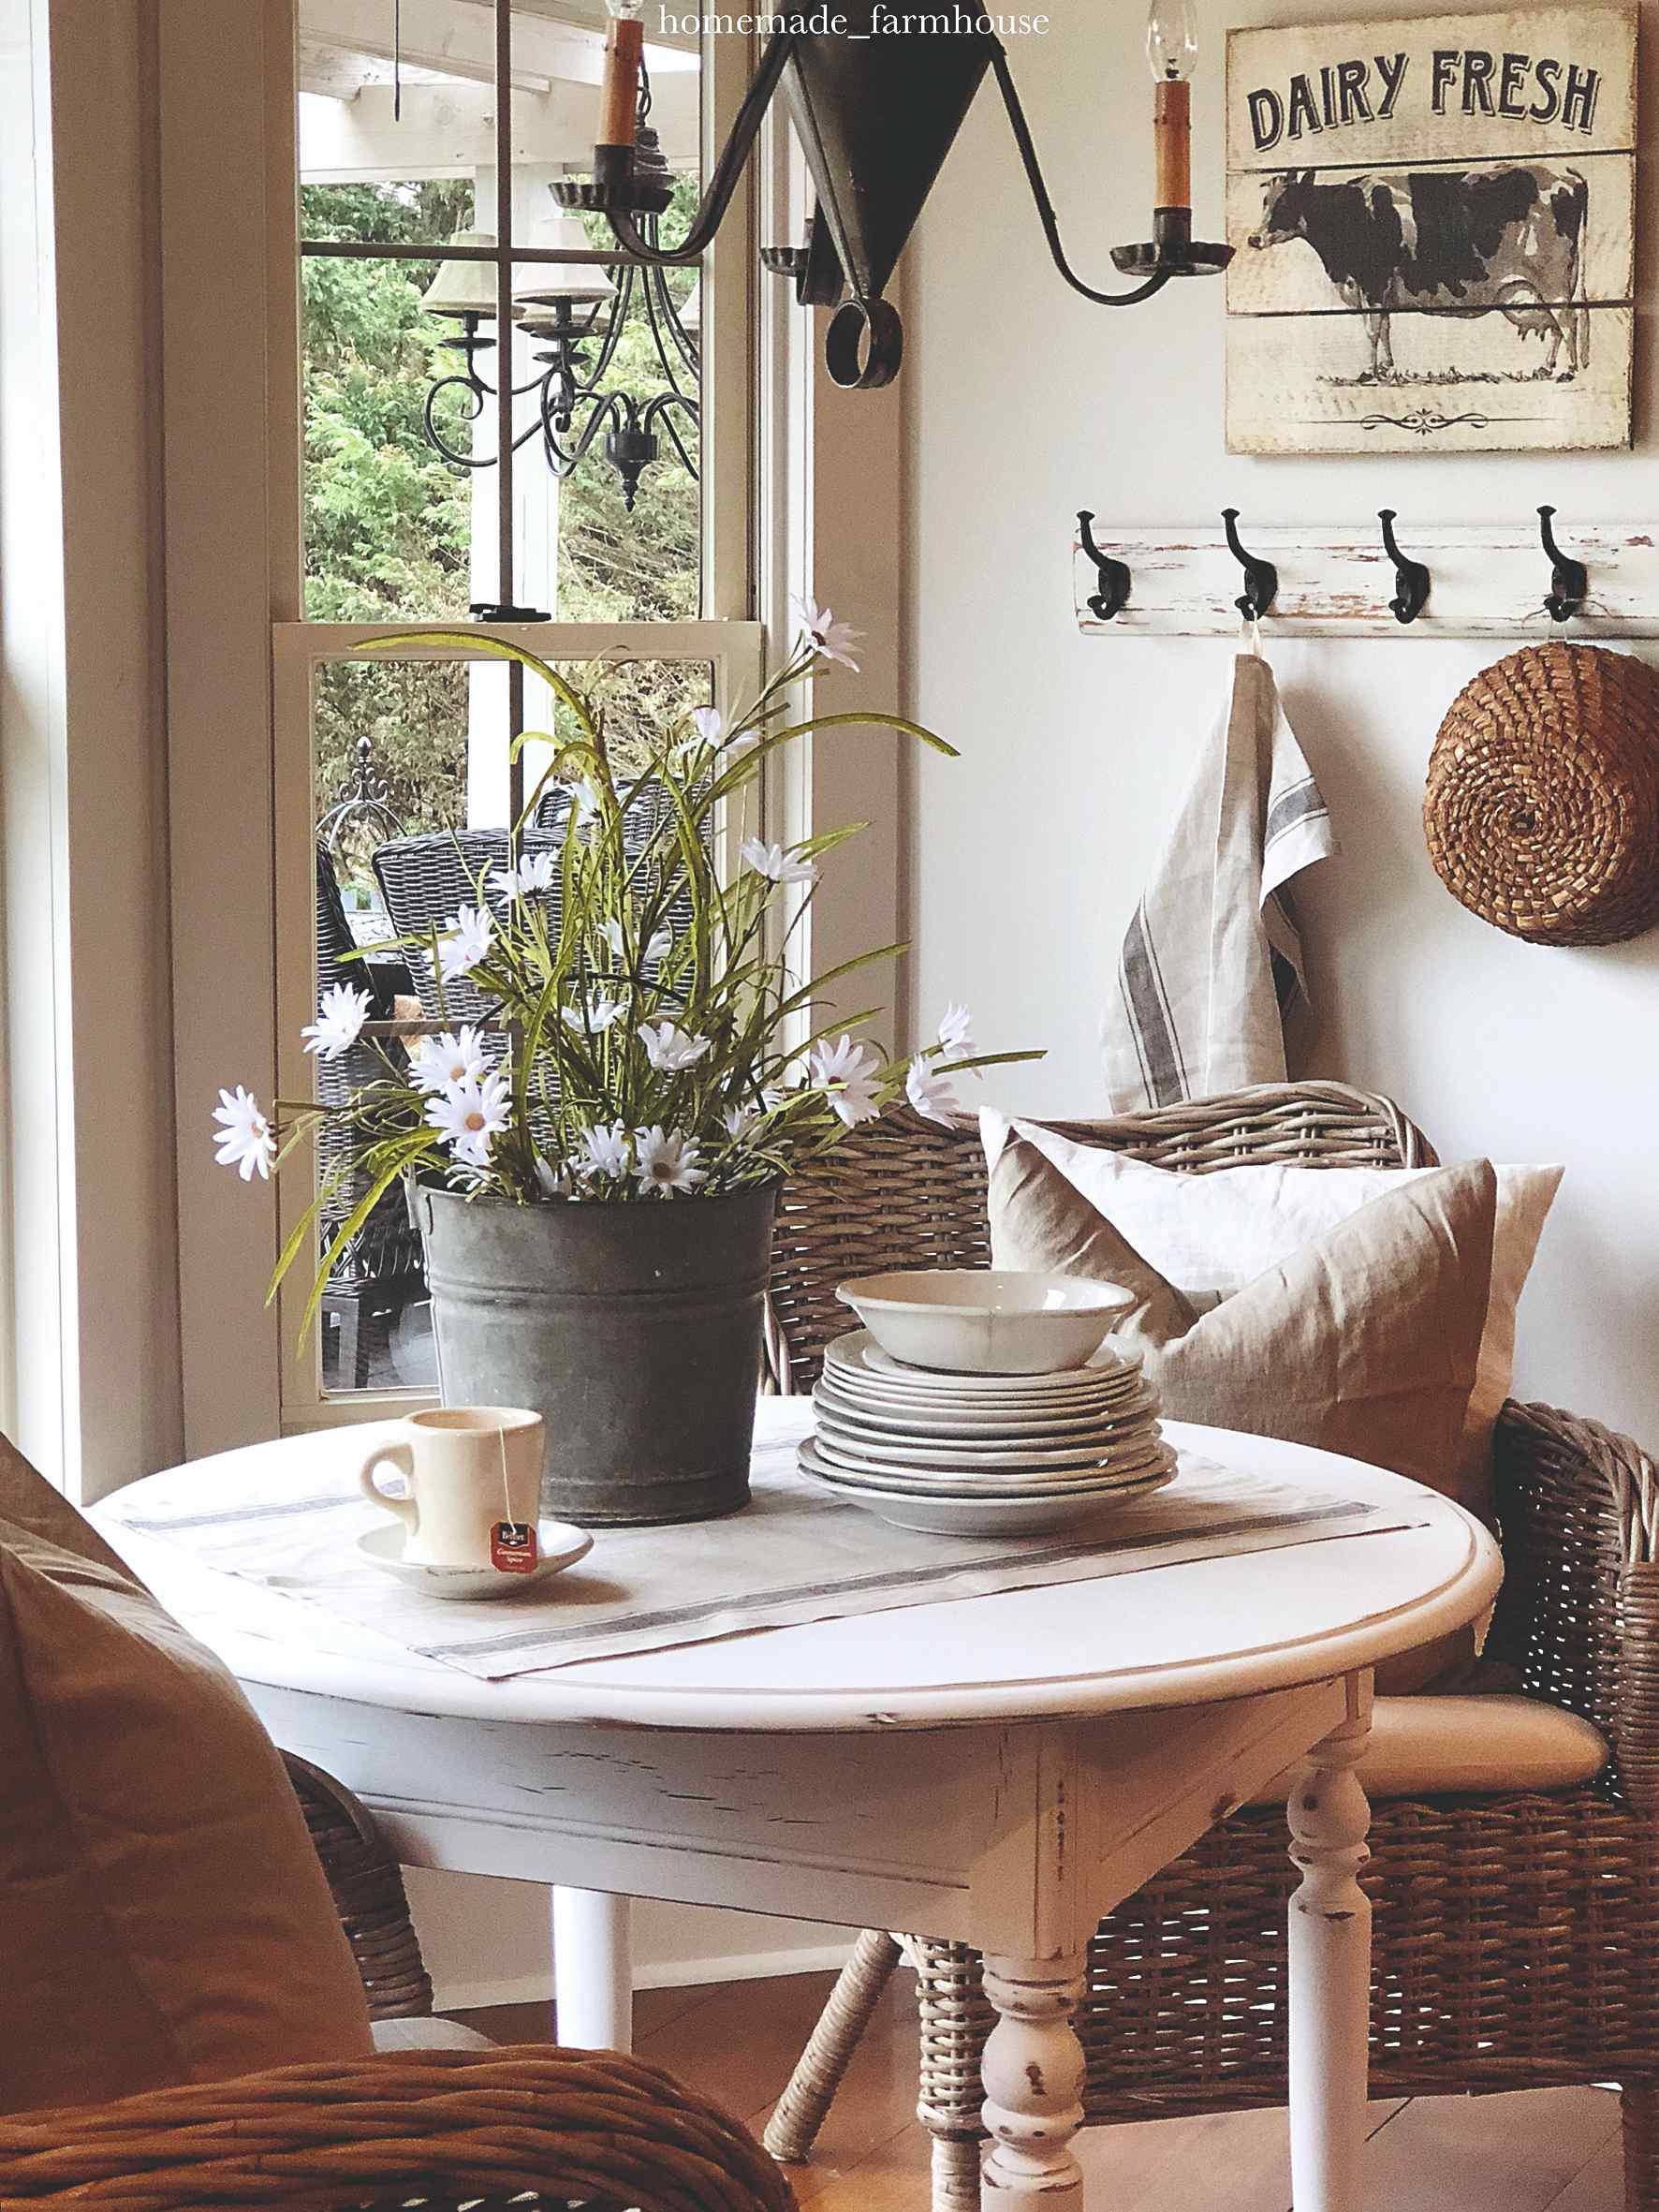 Stolek s květinami talíří v provence stylu